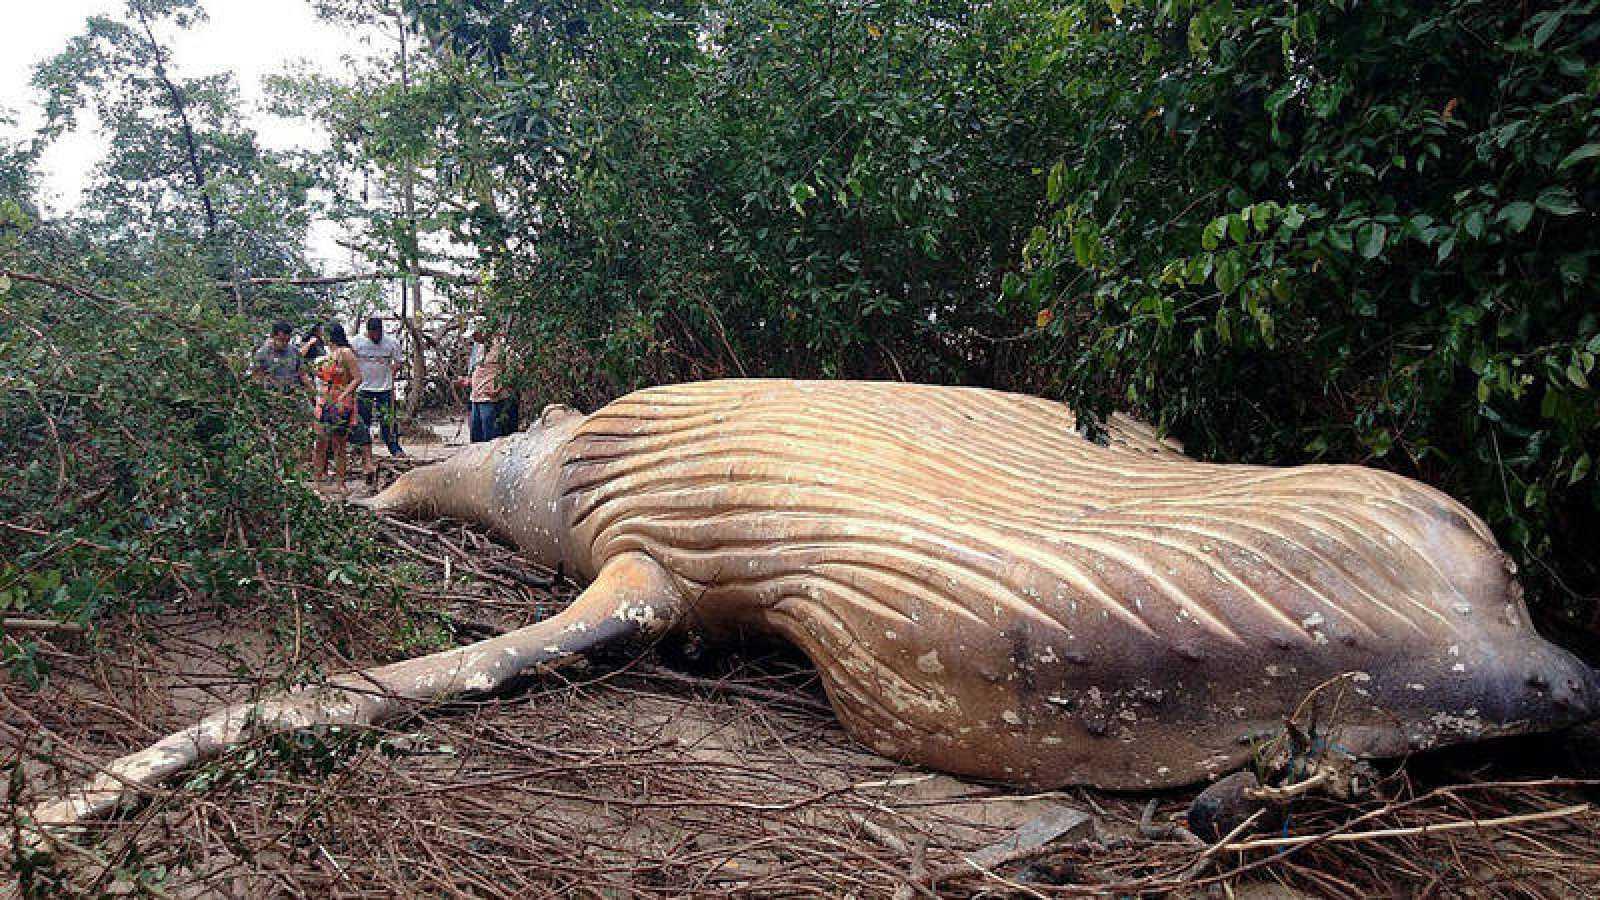 Una ballena jorobada fue hallada muerta en un manglar en el archipiélago de Marajó, en plena Amazonía del Brasil